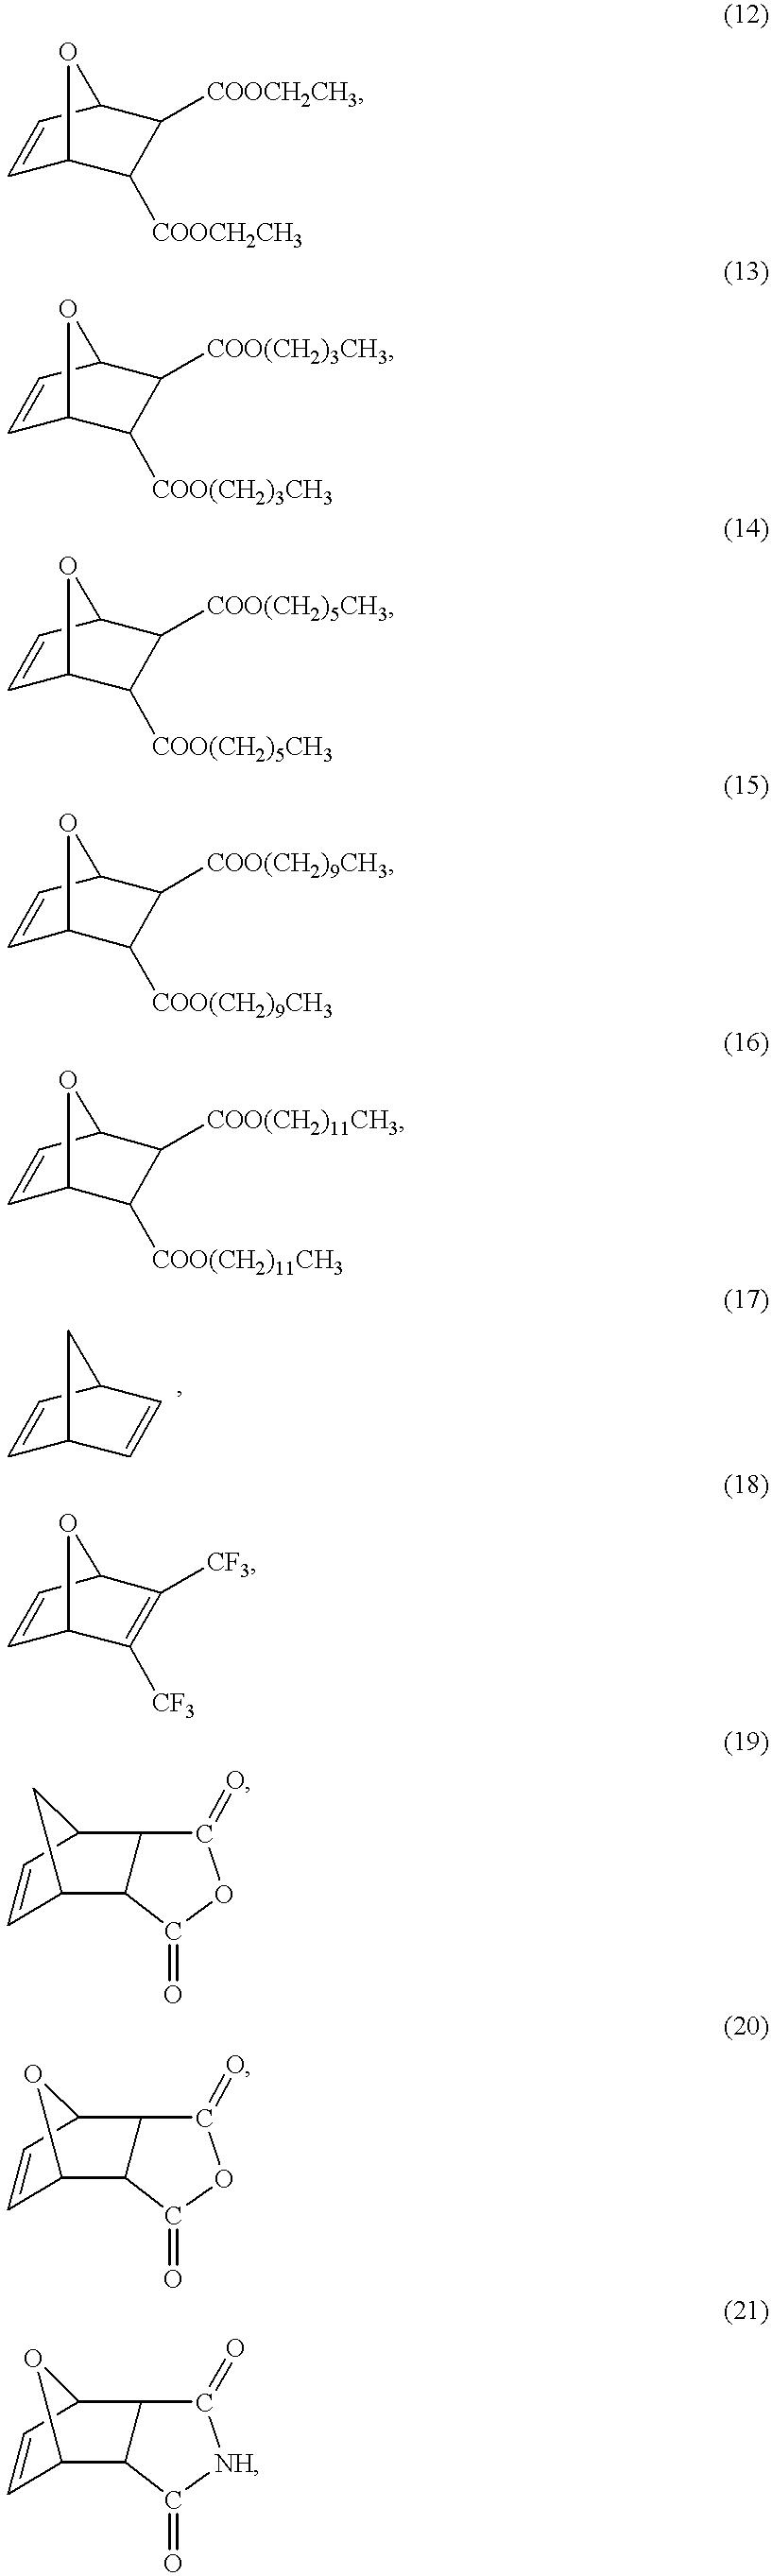 Figure US06281307-20010828-C00018